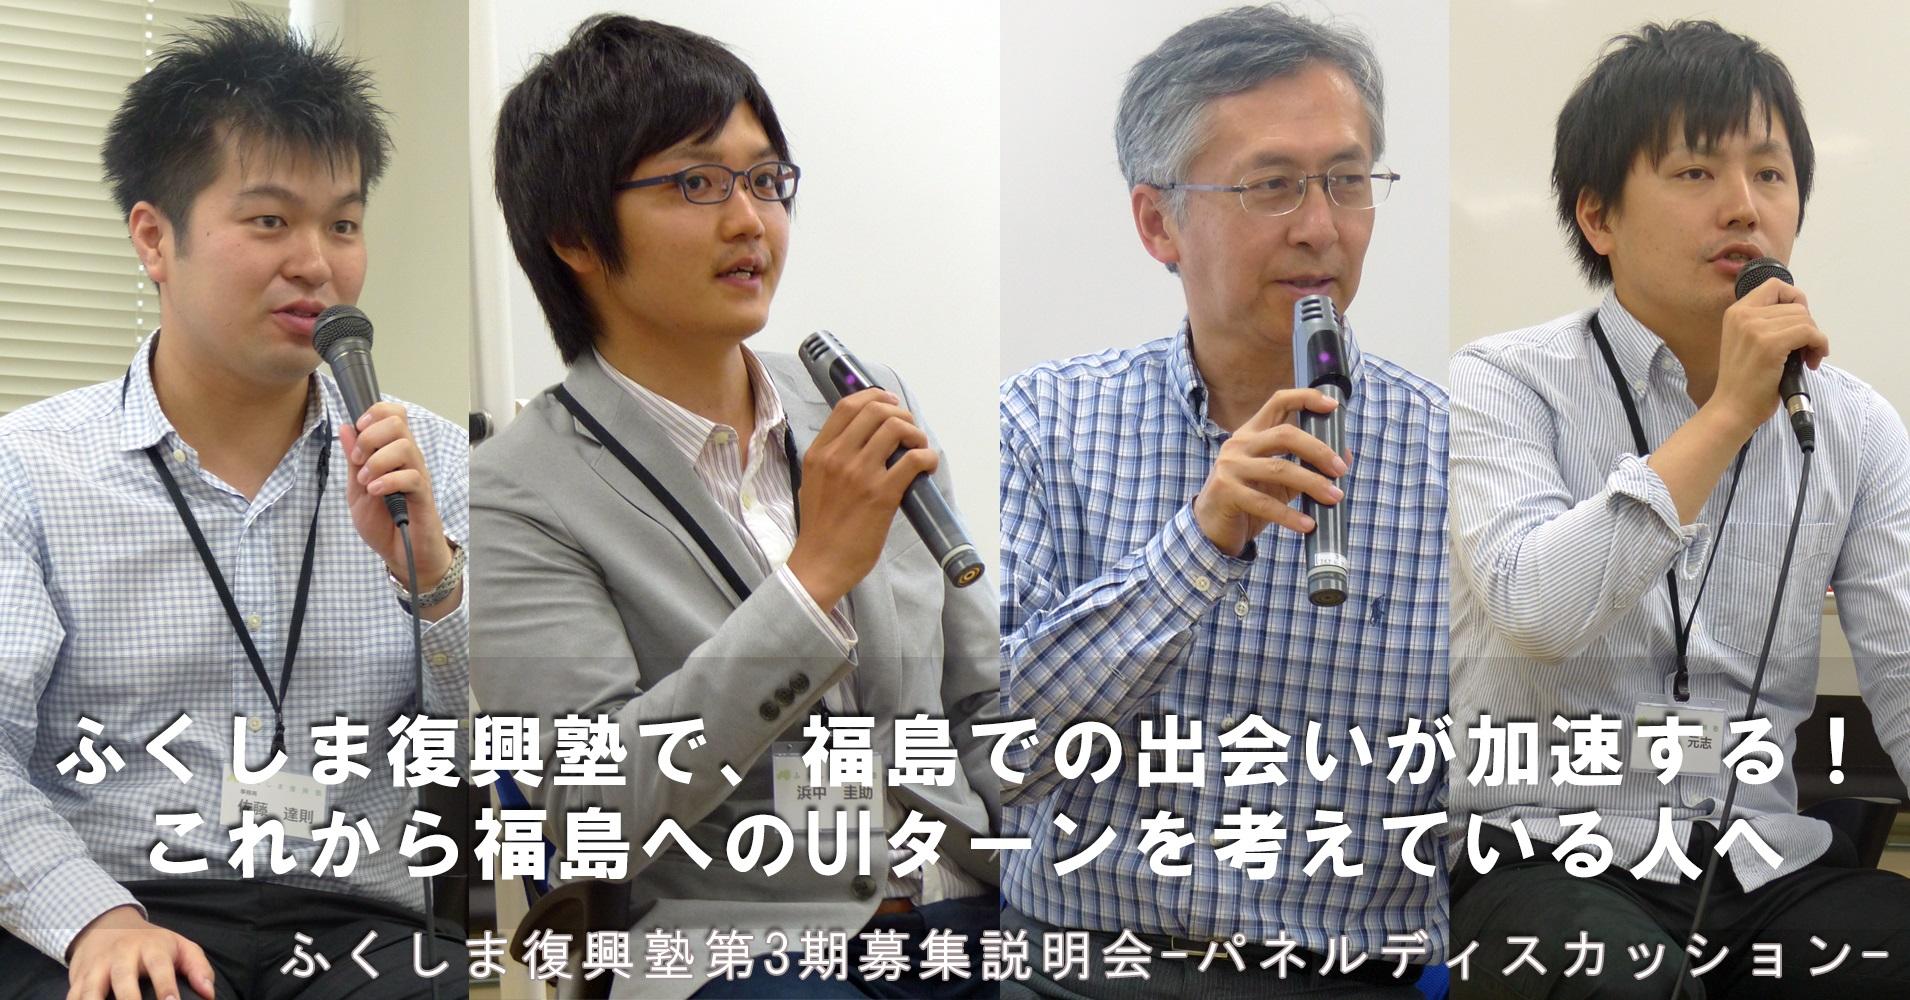 ふくしま復興塾で、福島での出会いが加速する! これから福島へのUIターンを考えている人へ